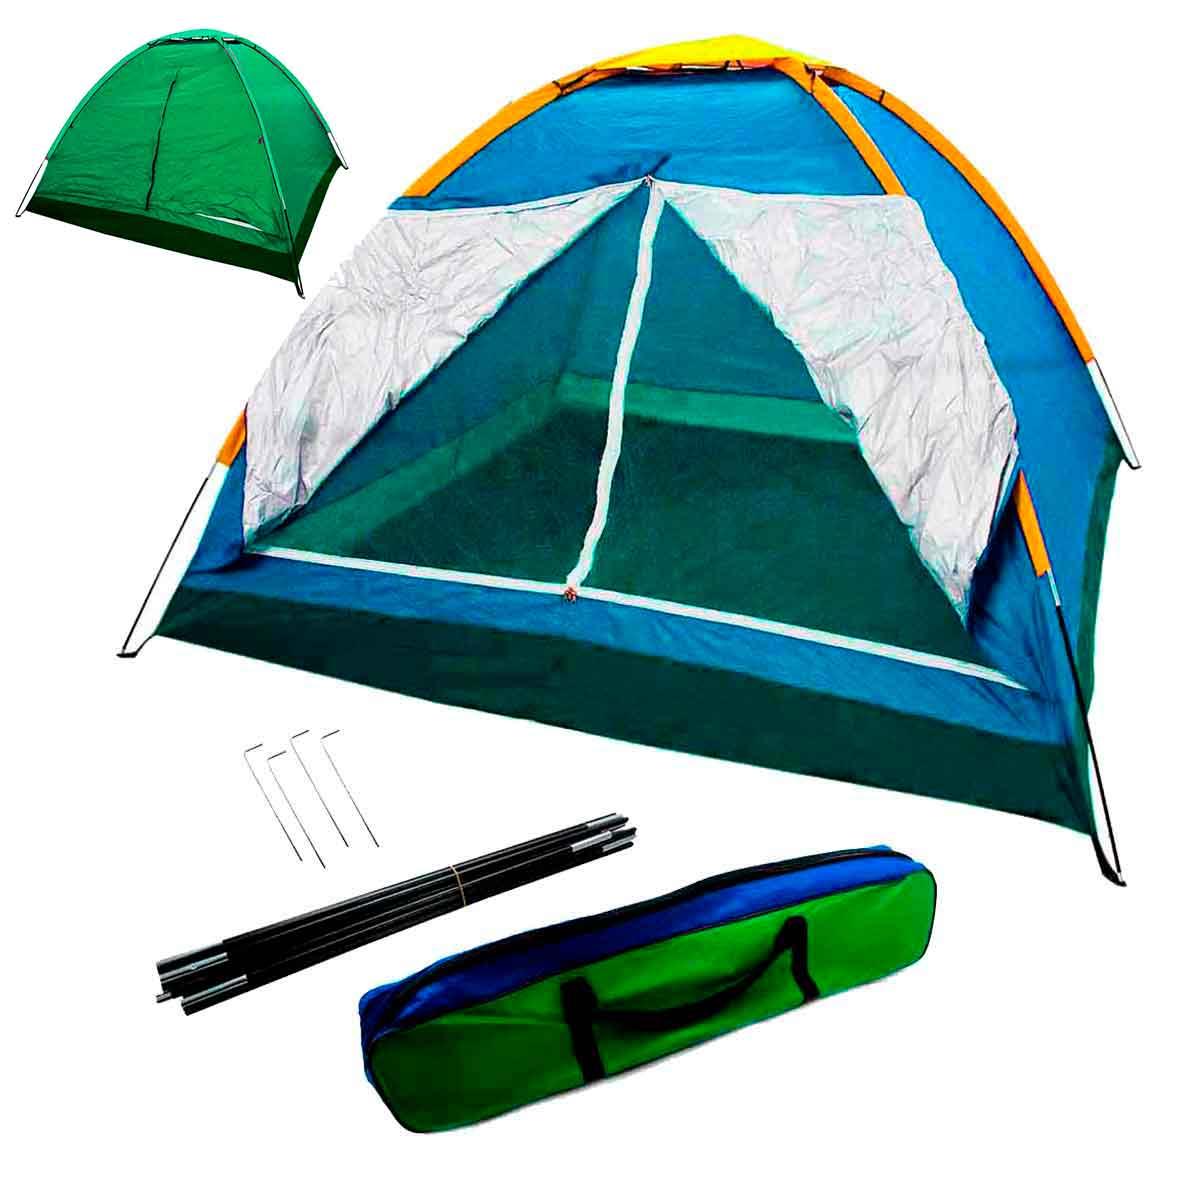 Barraca Camping 4 Pessoas Iglu Tenda Acampamento Bolsa